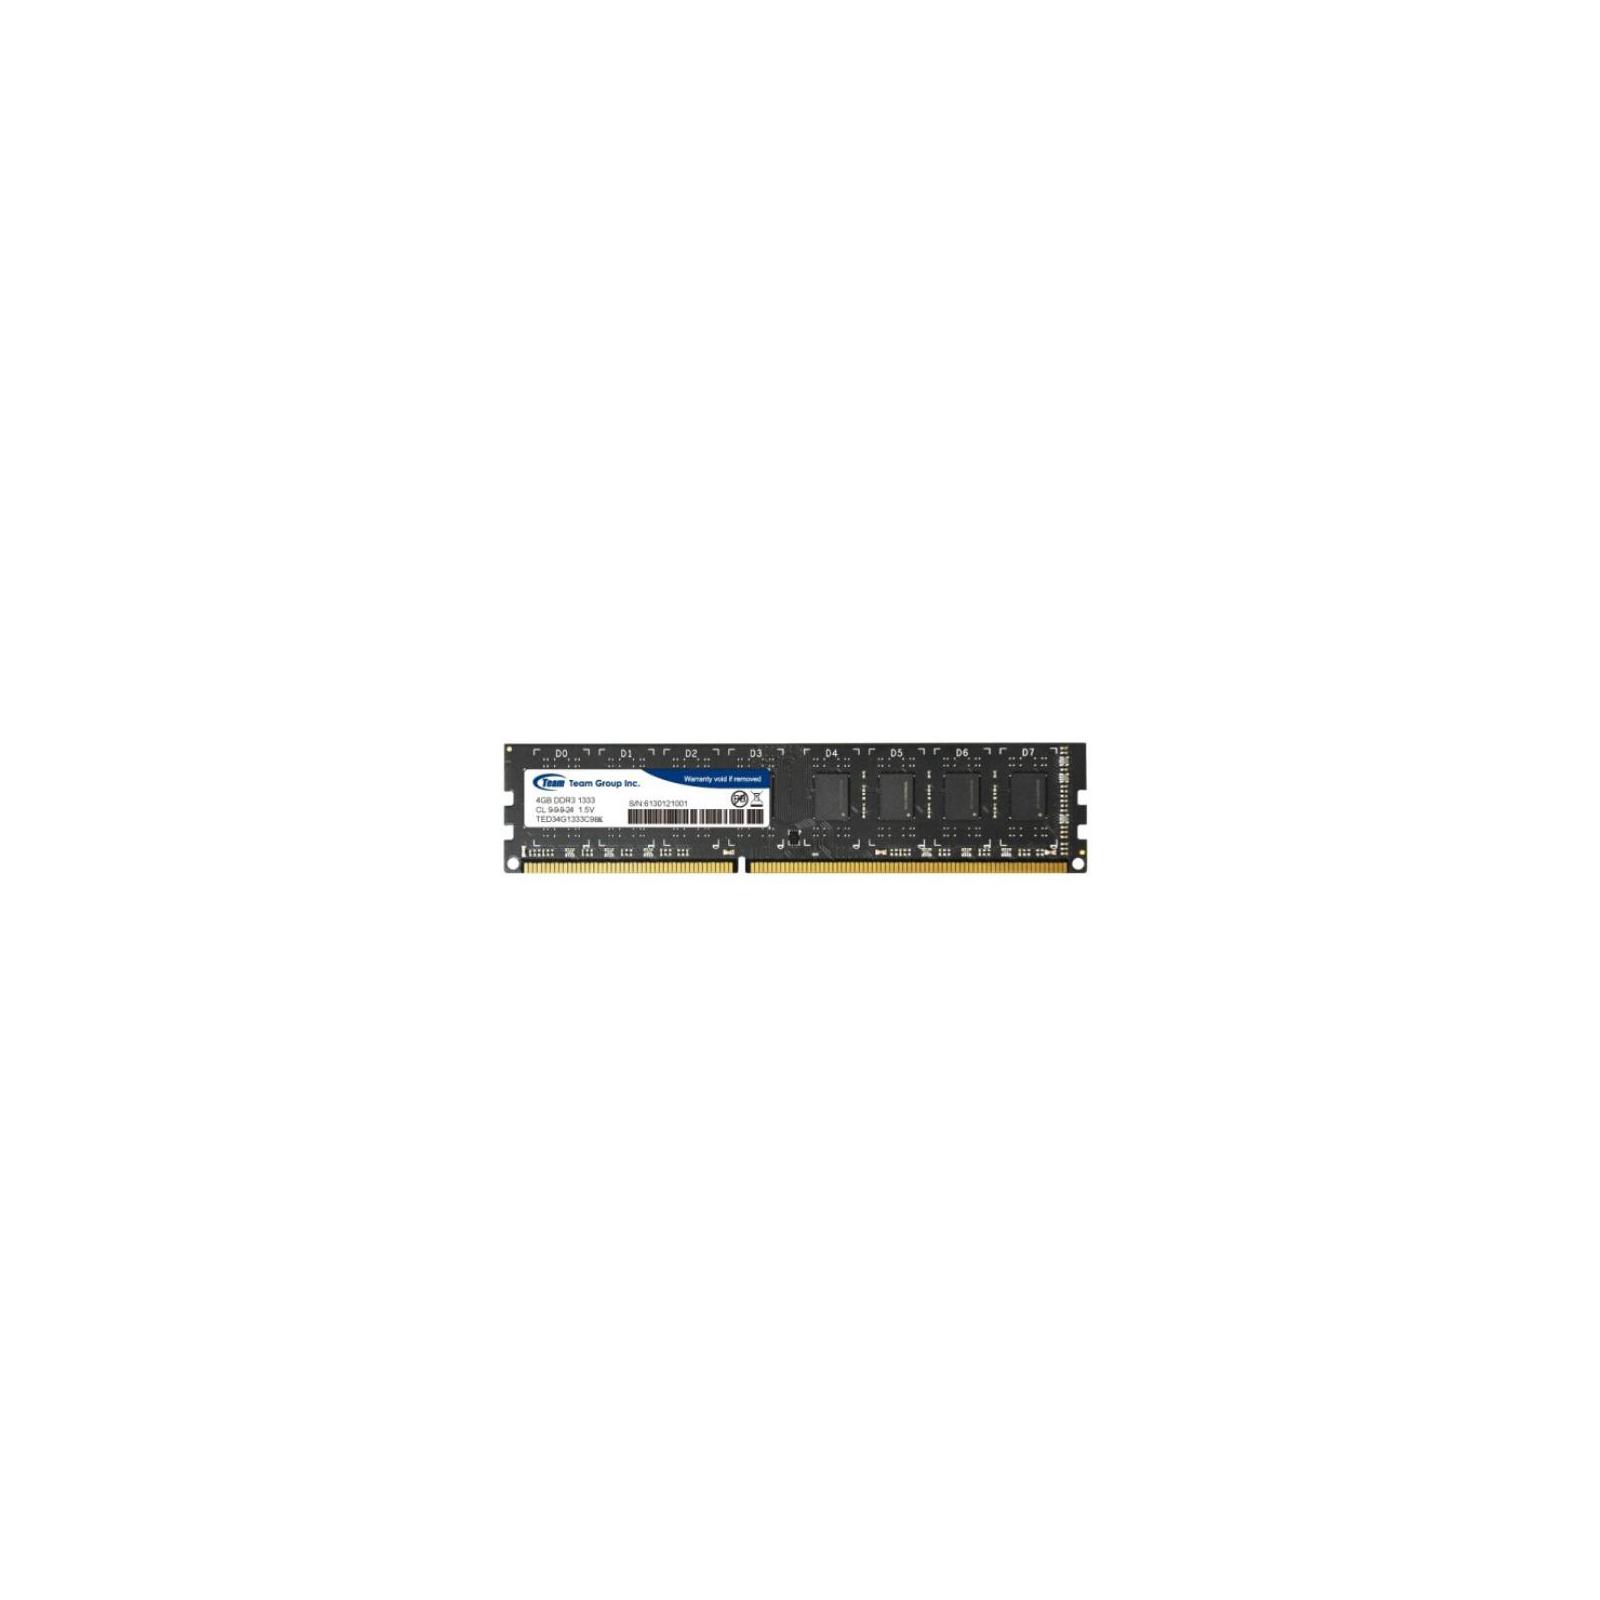 Модуль памяти для компьютера DDR3 8GB 1600 MHz Team (TED3L8G1600C11BK)